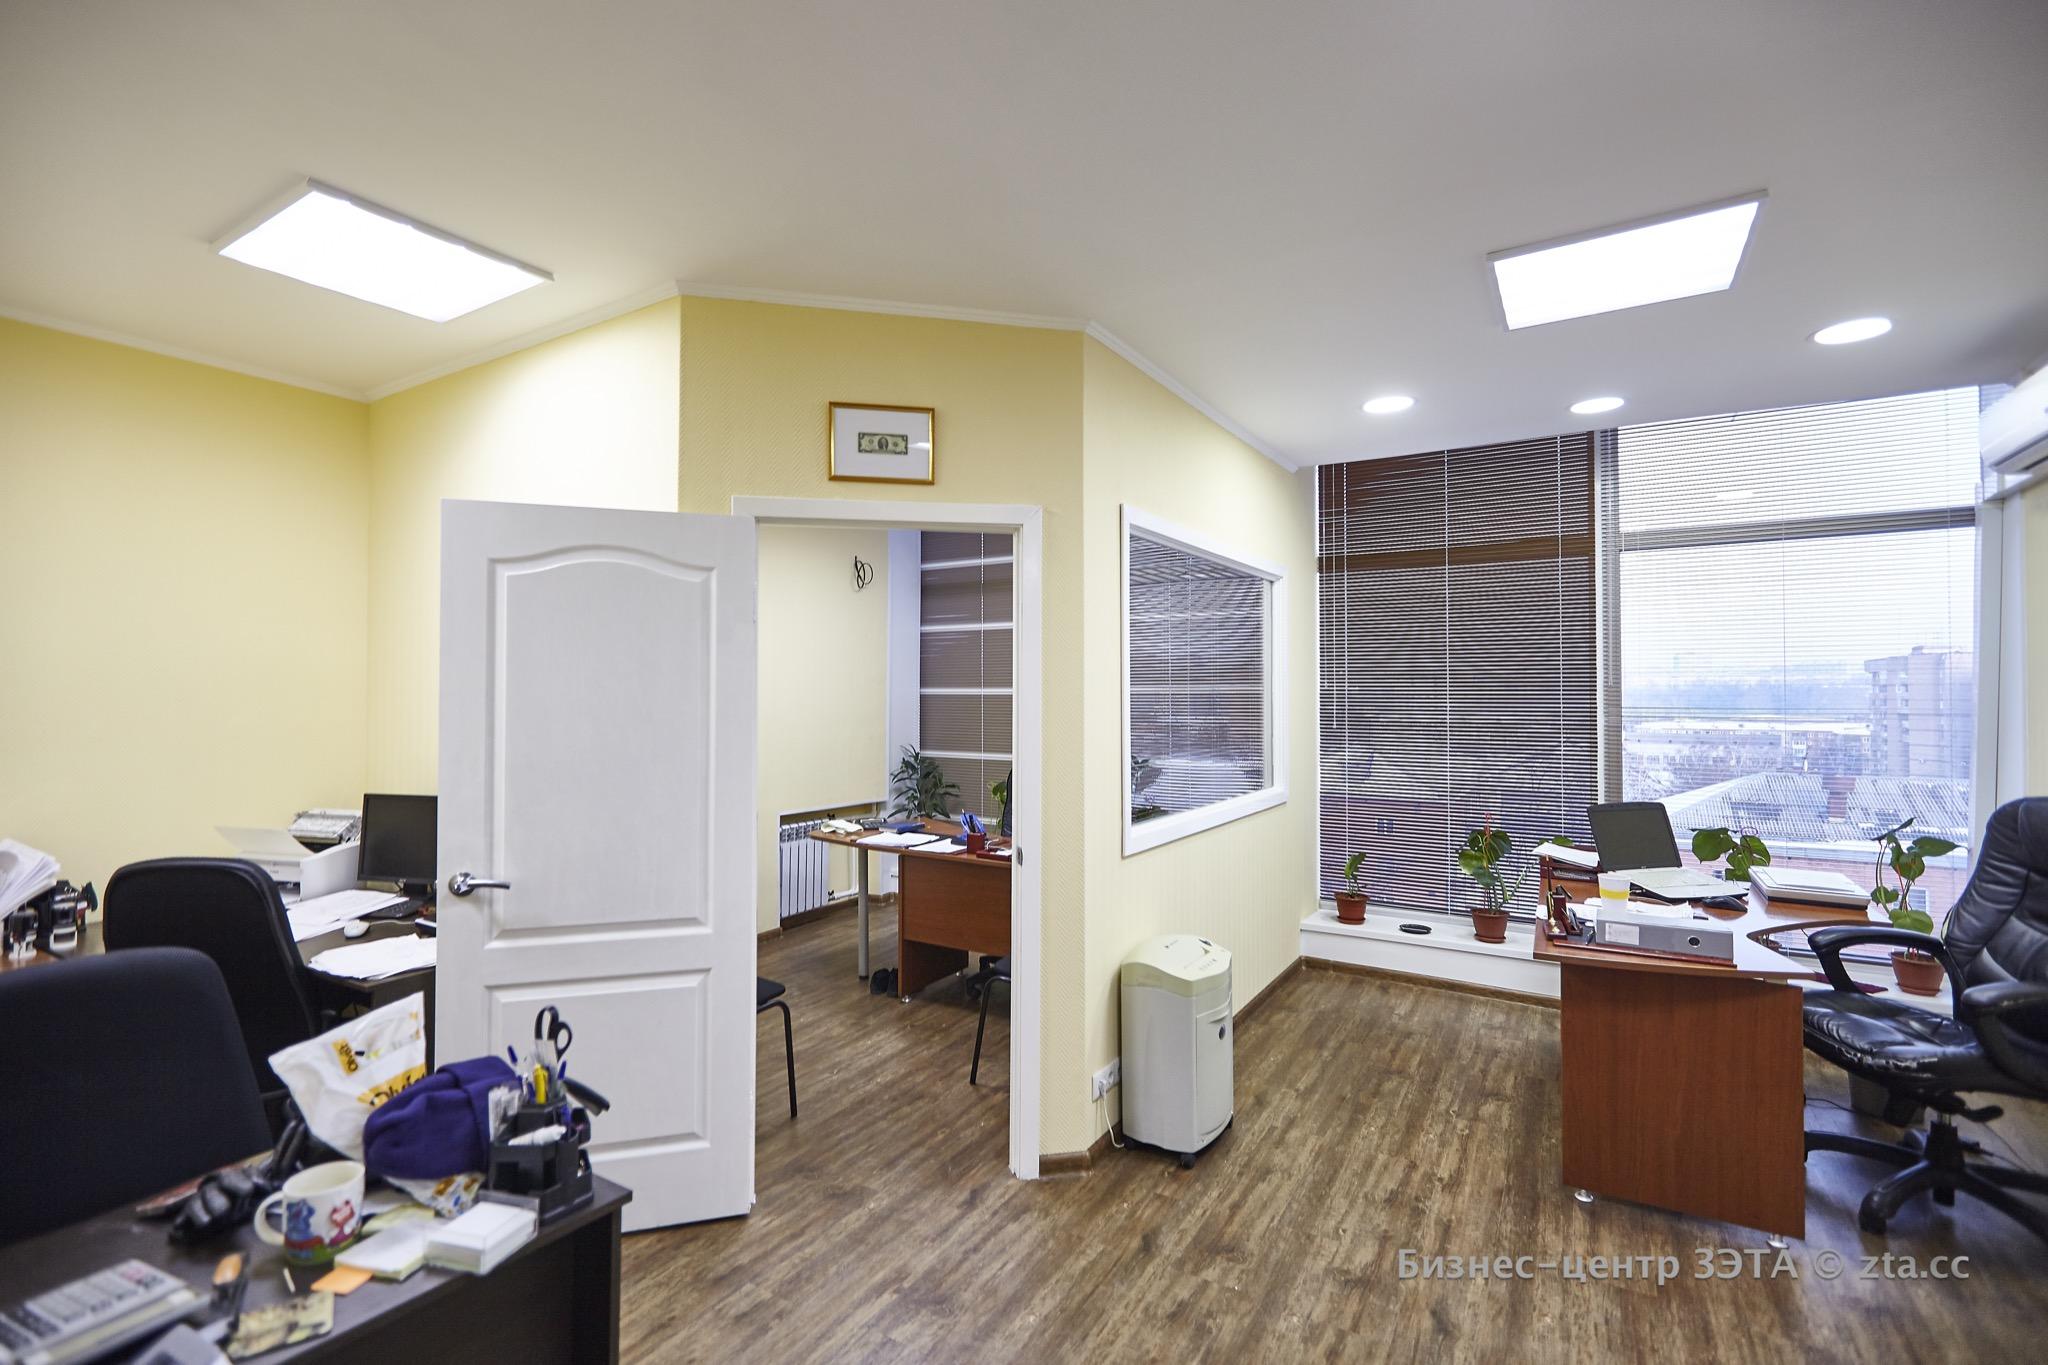 Аренда офисов в кемерово с фото портал поиска помещений для офиса Ореховый бульвар